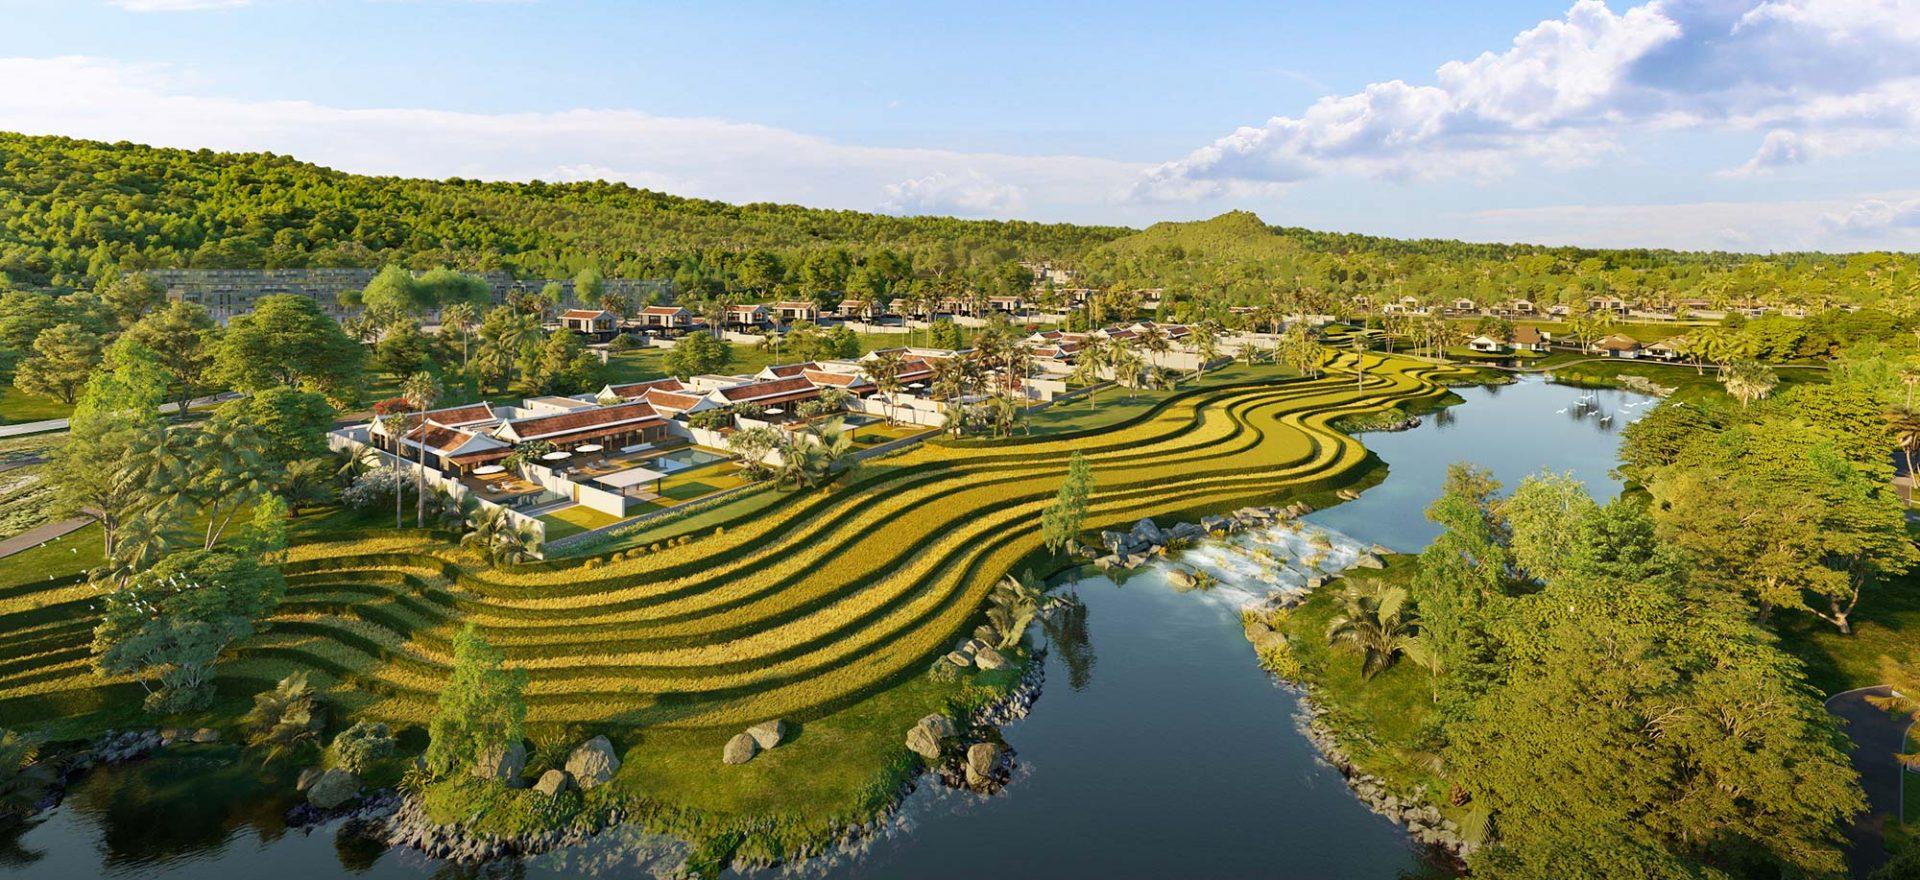 Park Hyatt Phu Quoc phoi canh Lake Villas